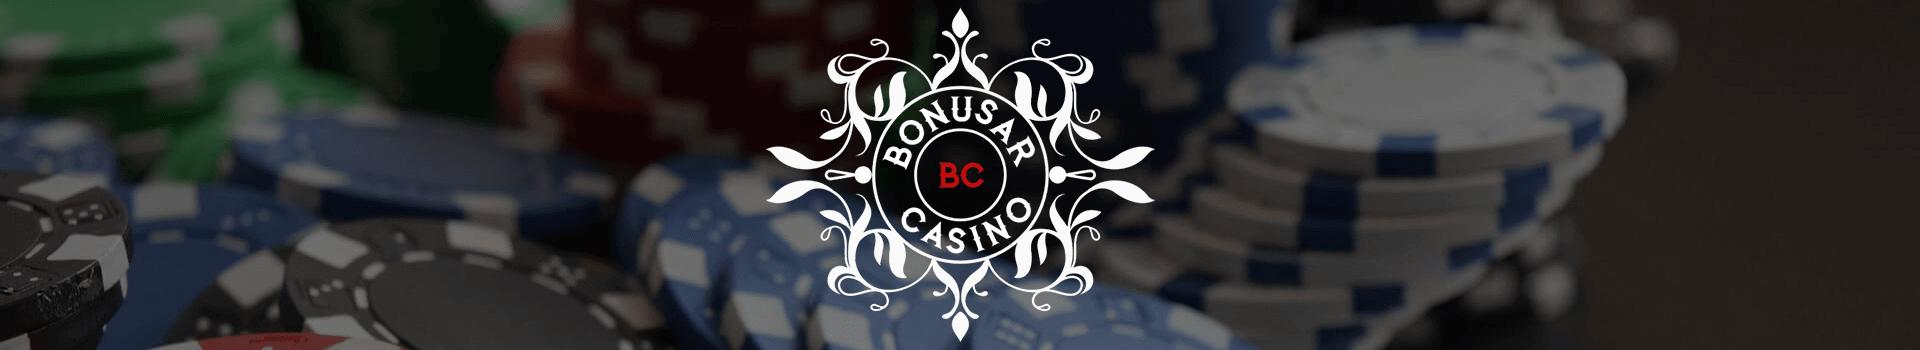 Populära casinobonusar